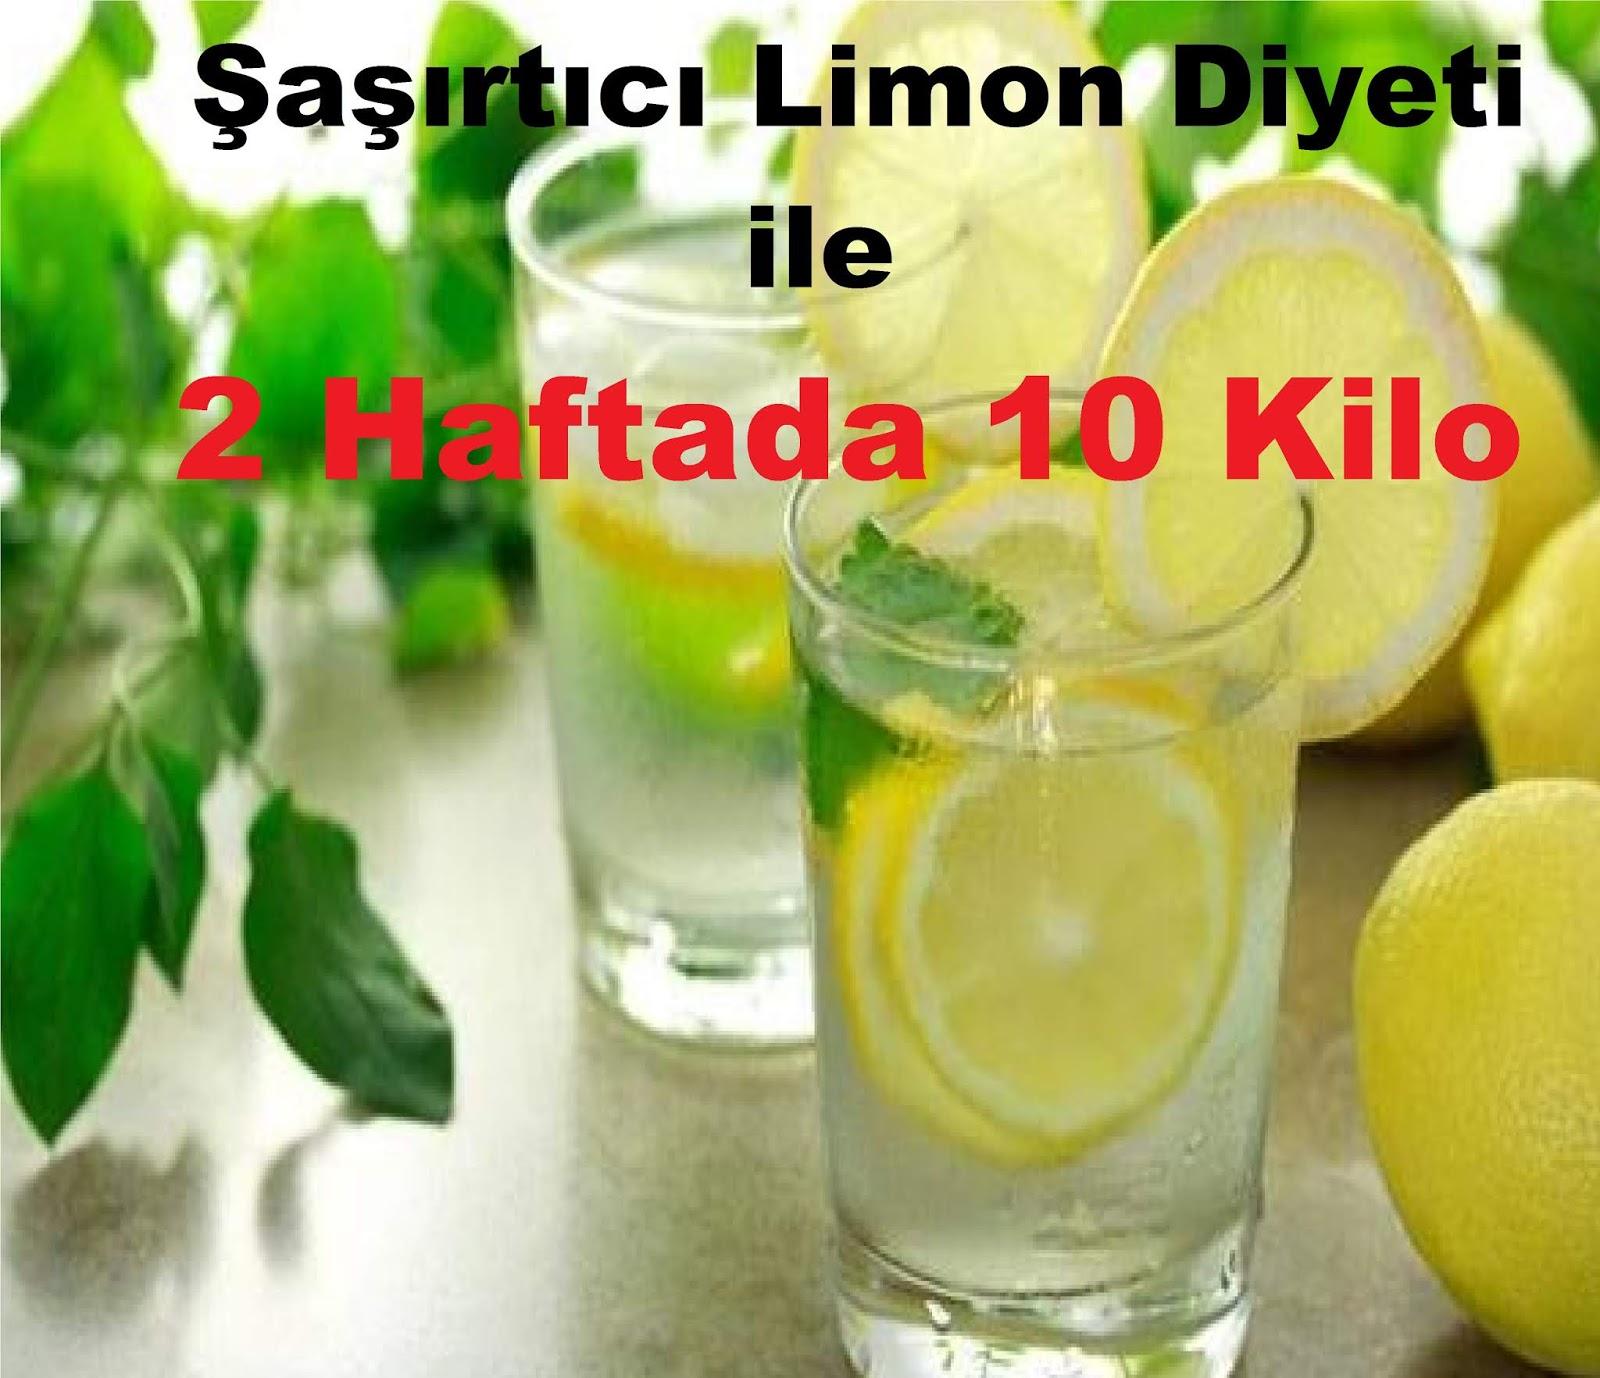 Limon Diyeti Haftada 2 Kilo